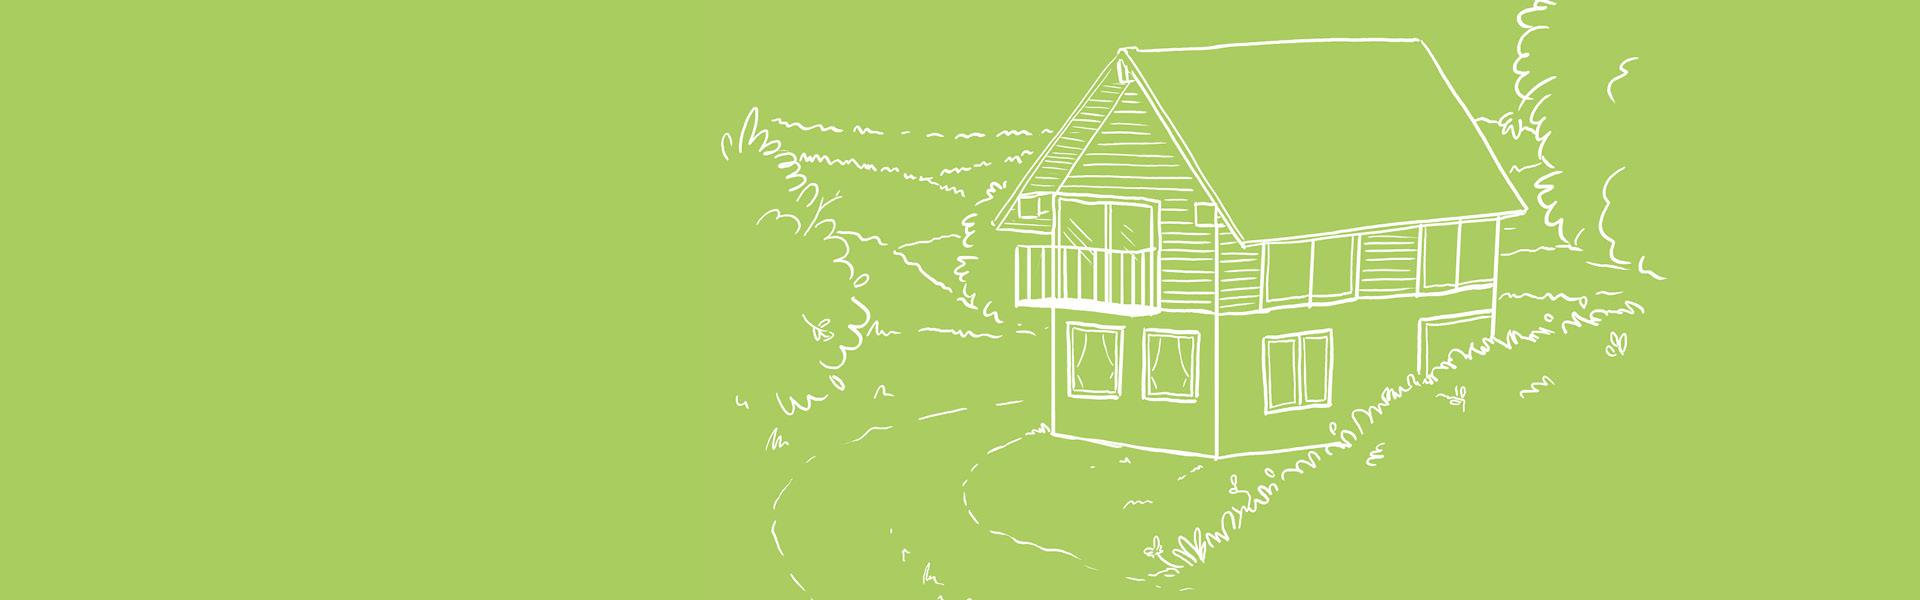 Illustration eines Hauses in der Natur auf hellgrünem Hintergrund